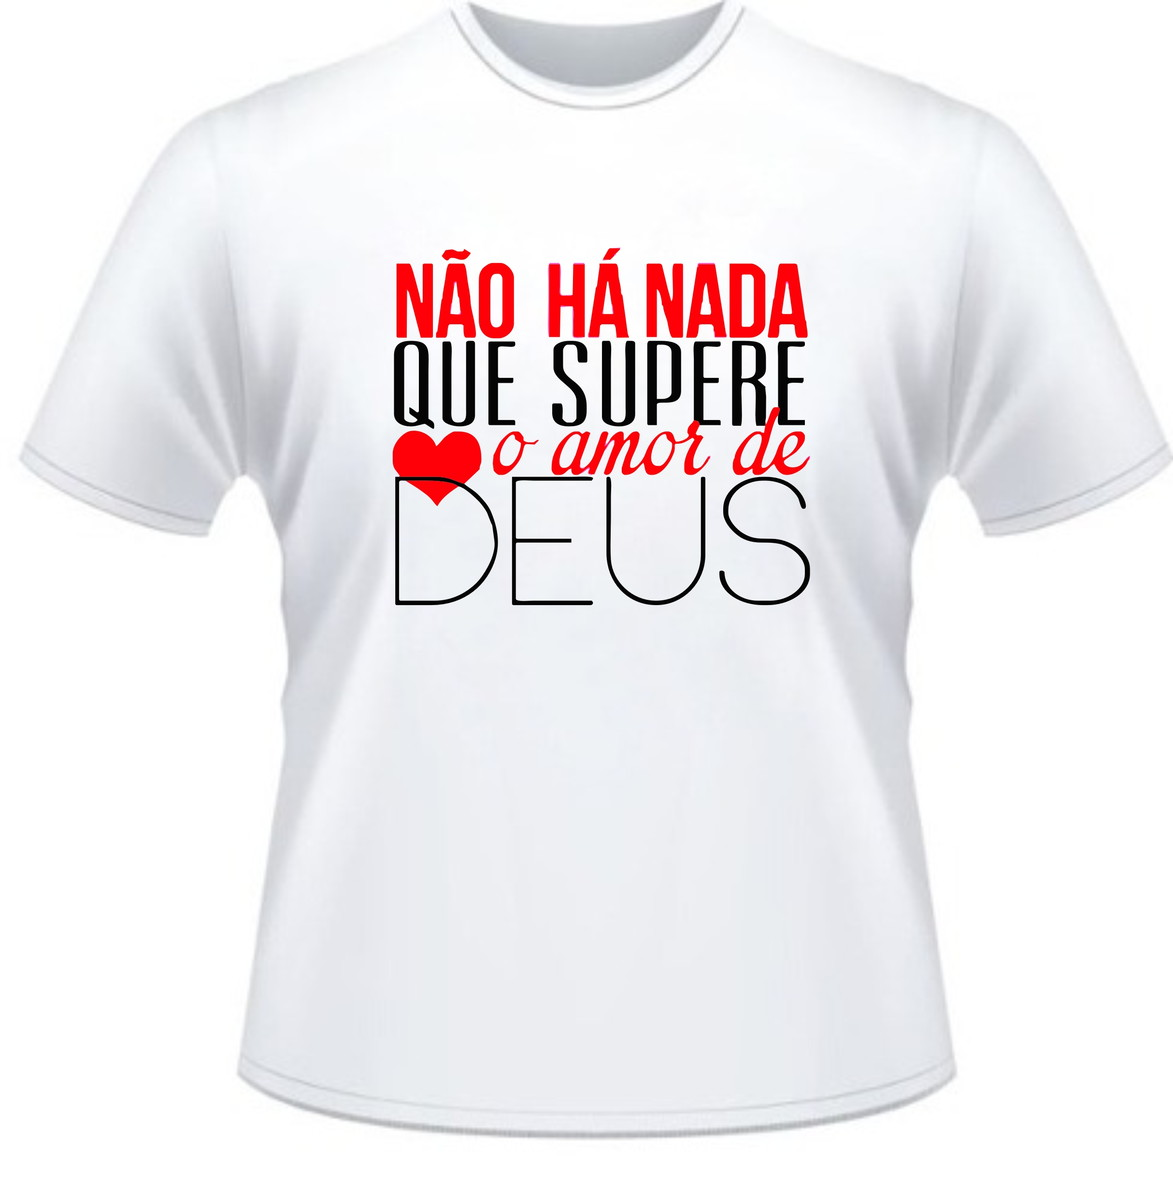 Camiseta Evangélica Amor Maior Por Deus no Elo7  b2a446ddcaeb4